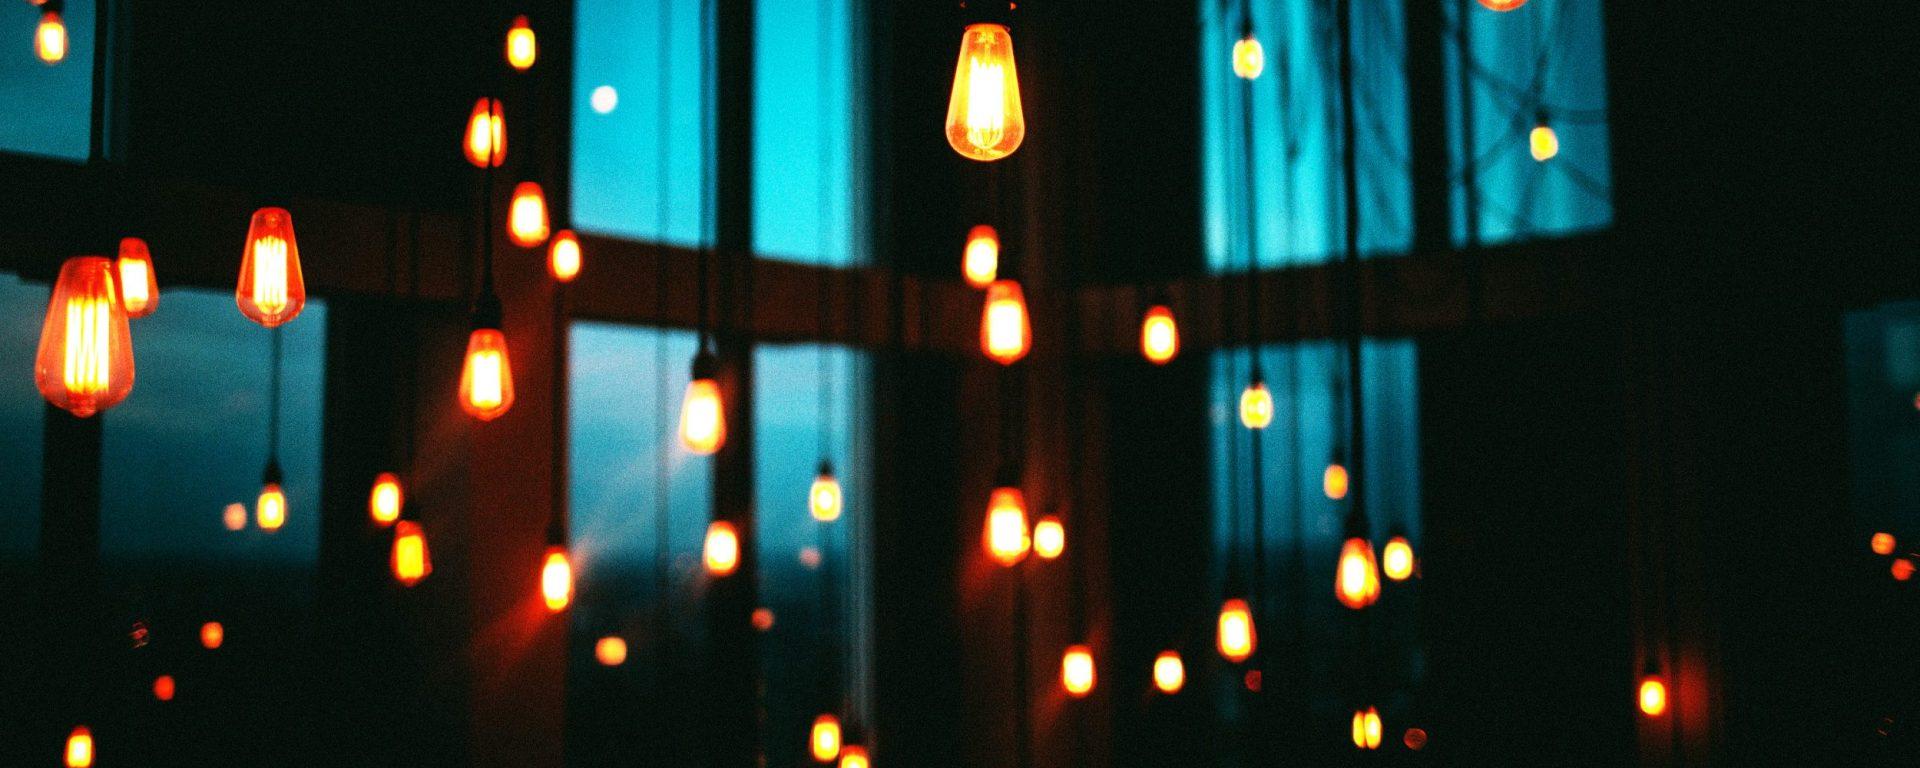 Lights, dreams, hopes. Image: Dil on Unsplash